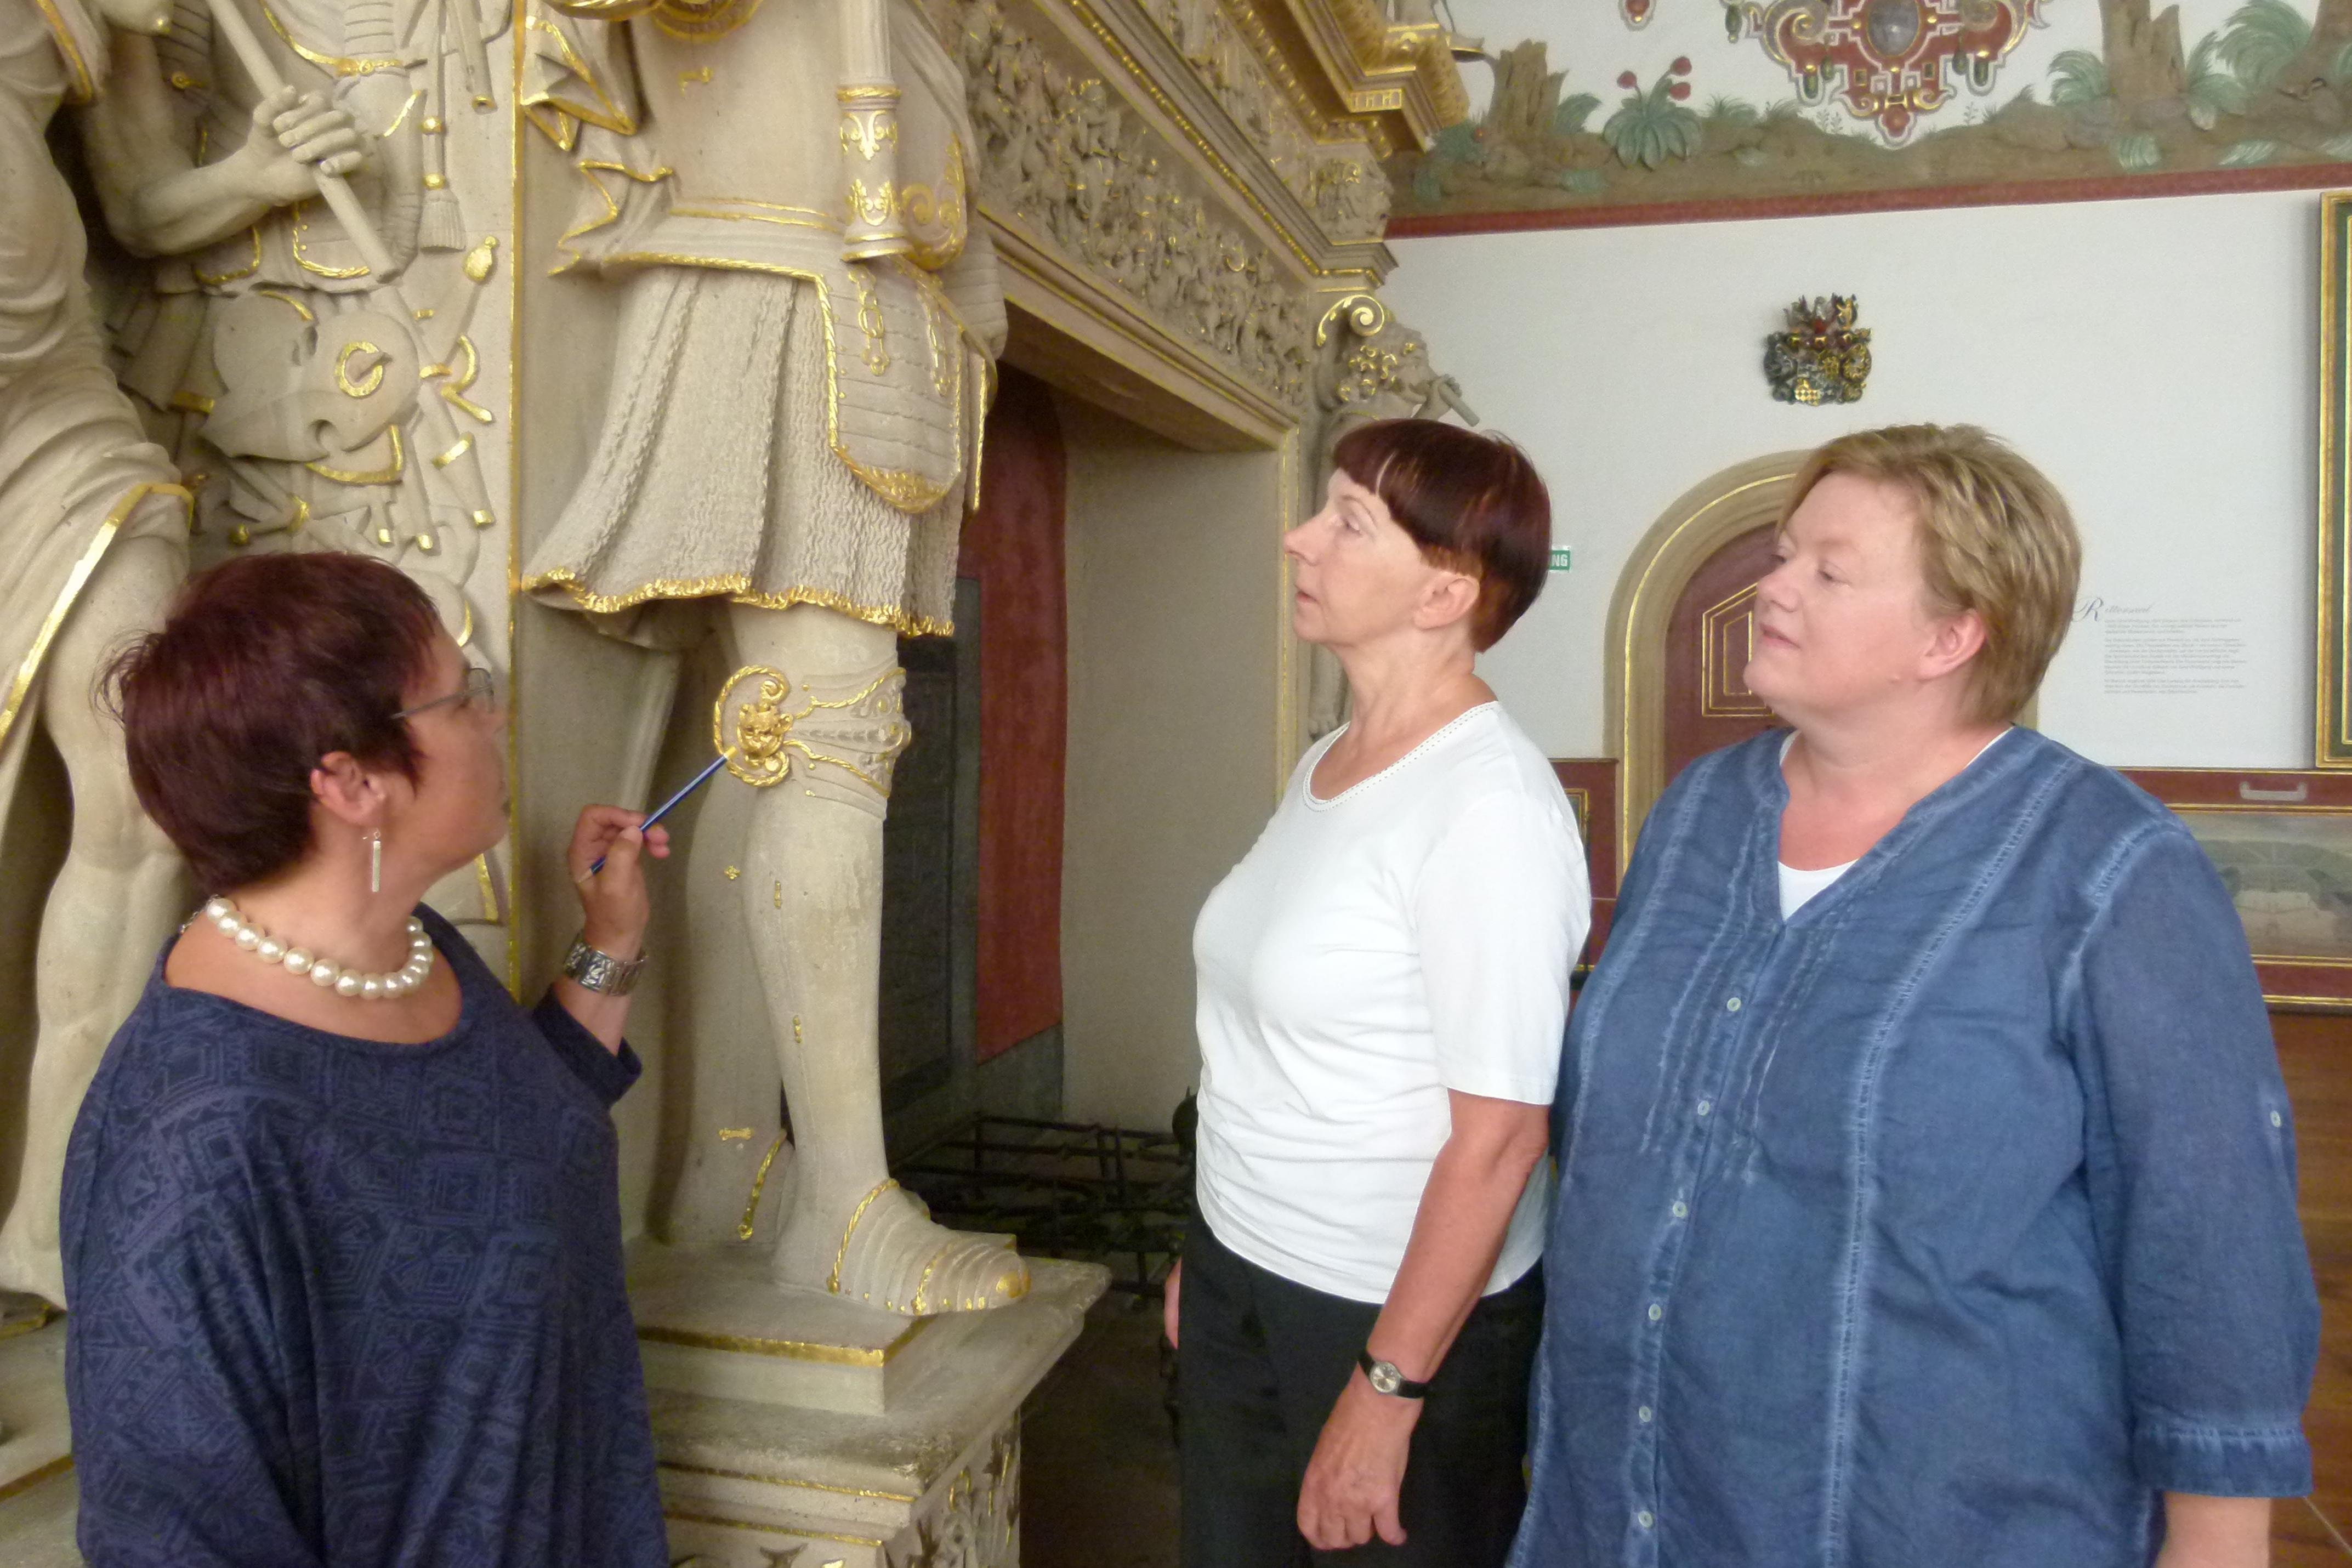 Schlossteam bei der Entwicklung einer neuen Führung; Foto: Staatliche Schlösser und Gärten Baden-Württemberg, Sonja Wünsch